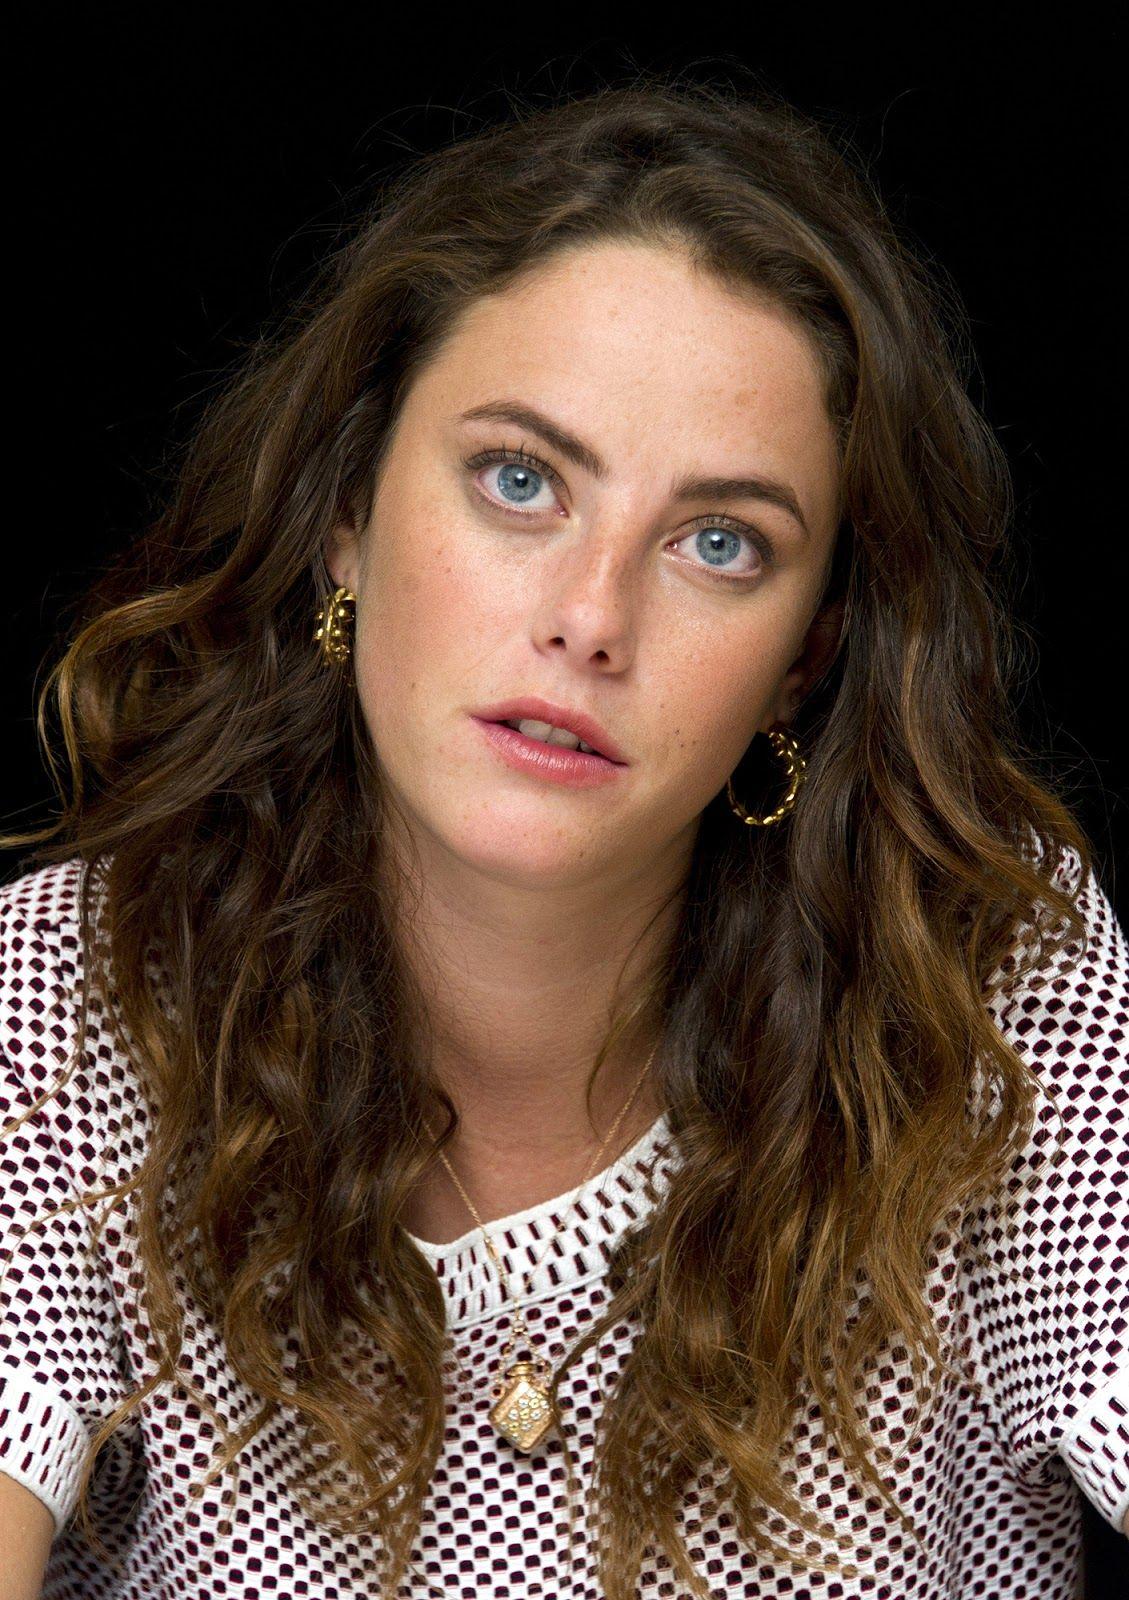 Actress%2C+Actress+HD+Wallpapers%2C+Hollywood%2C+Hollywood+actress%2C+Entertainment%2C+HD+Photos%2C+Showbiz%2C+Kaya+Scodelario+Photo%2C+Maze+Runner%2C+Pirates+%2810%29.jpg (1129×1600)